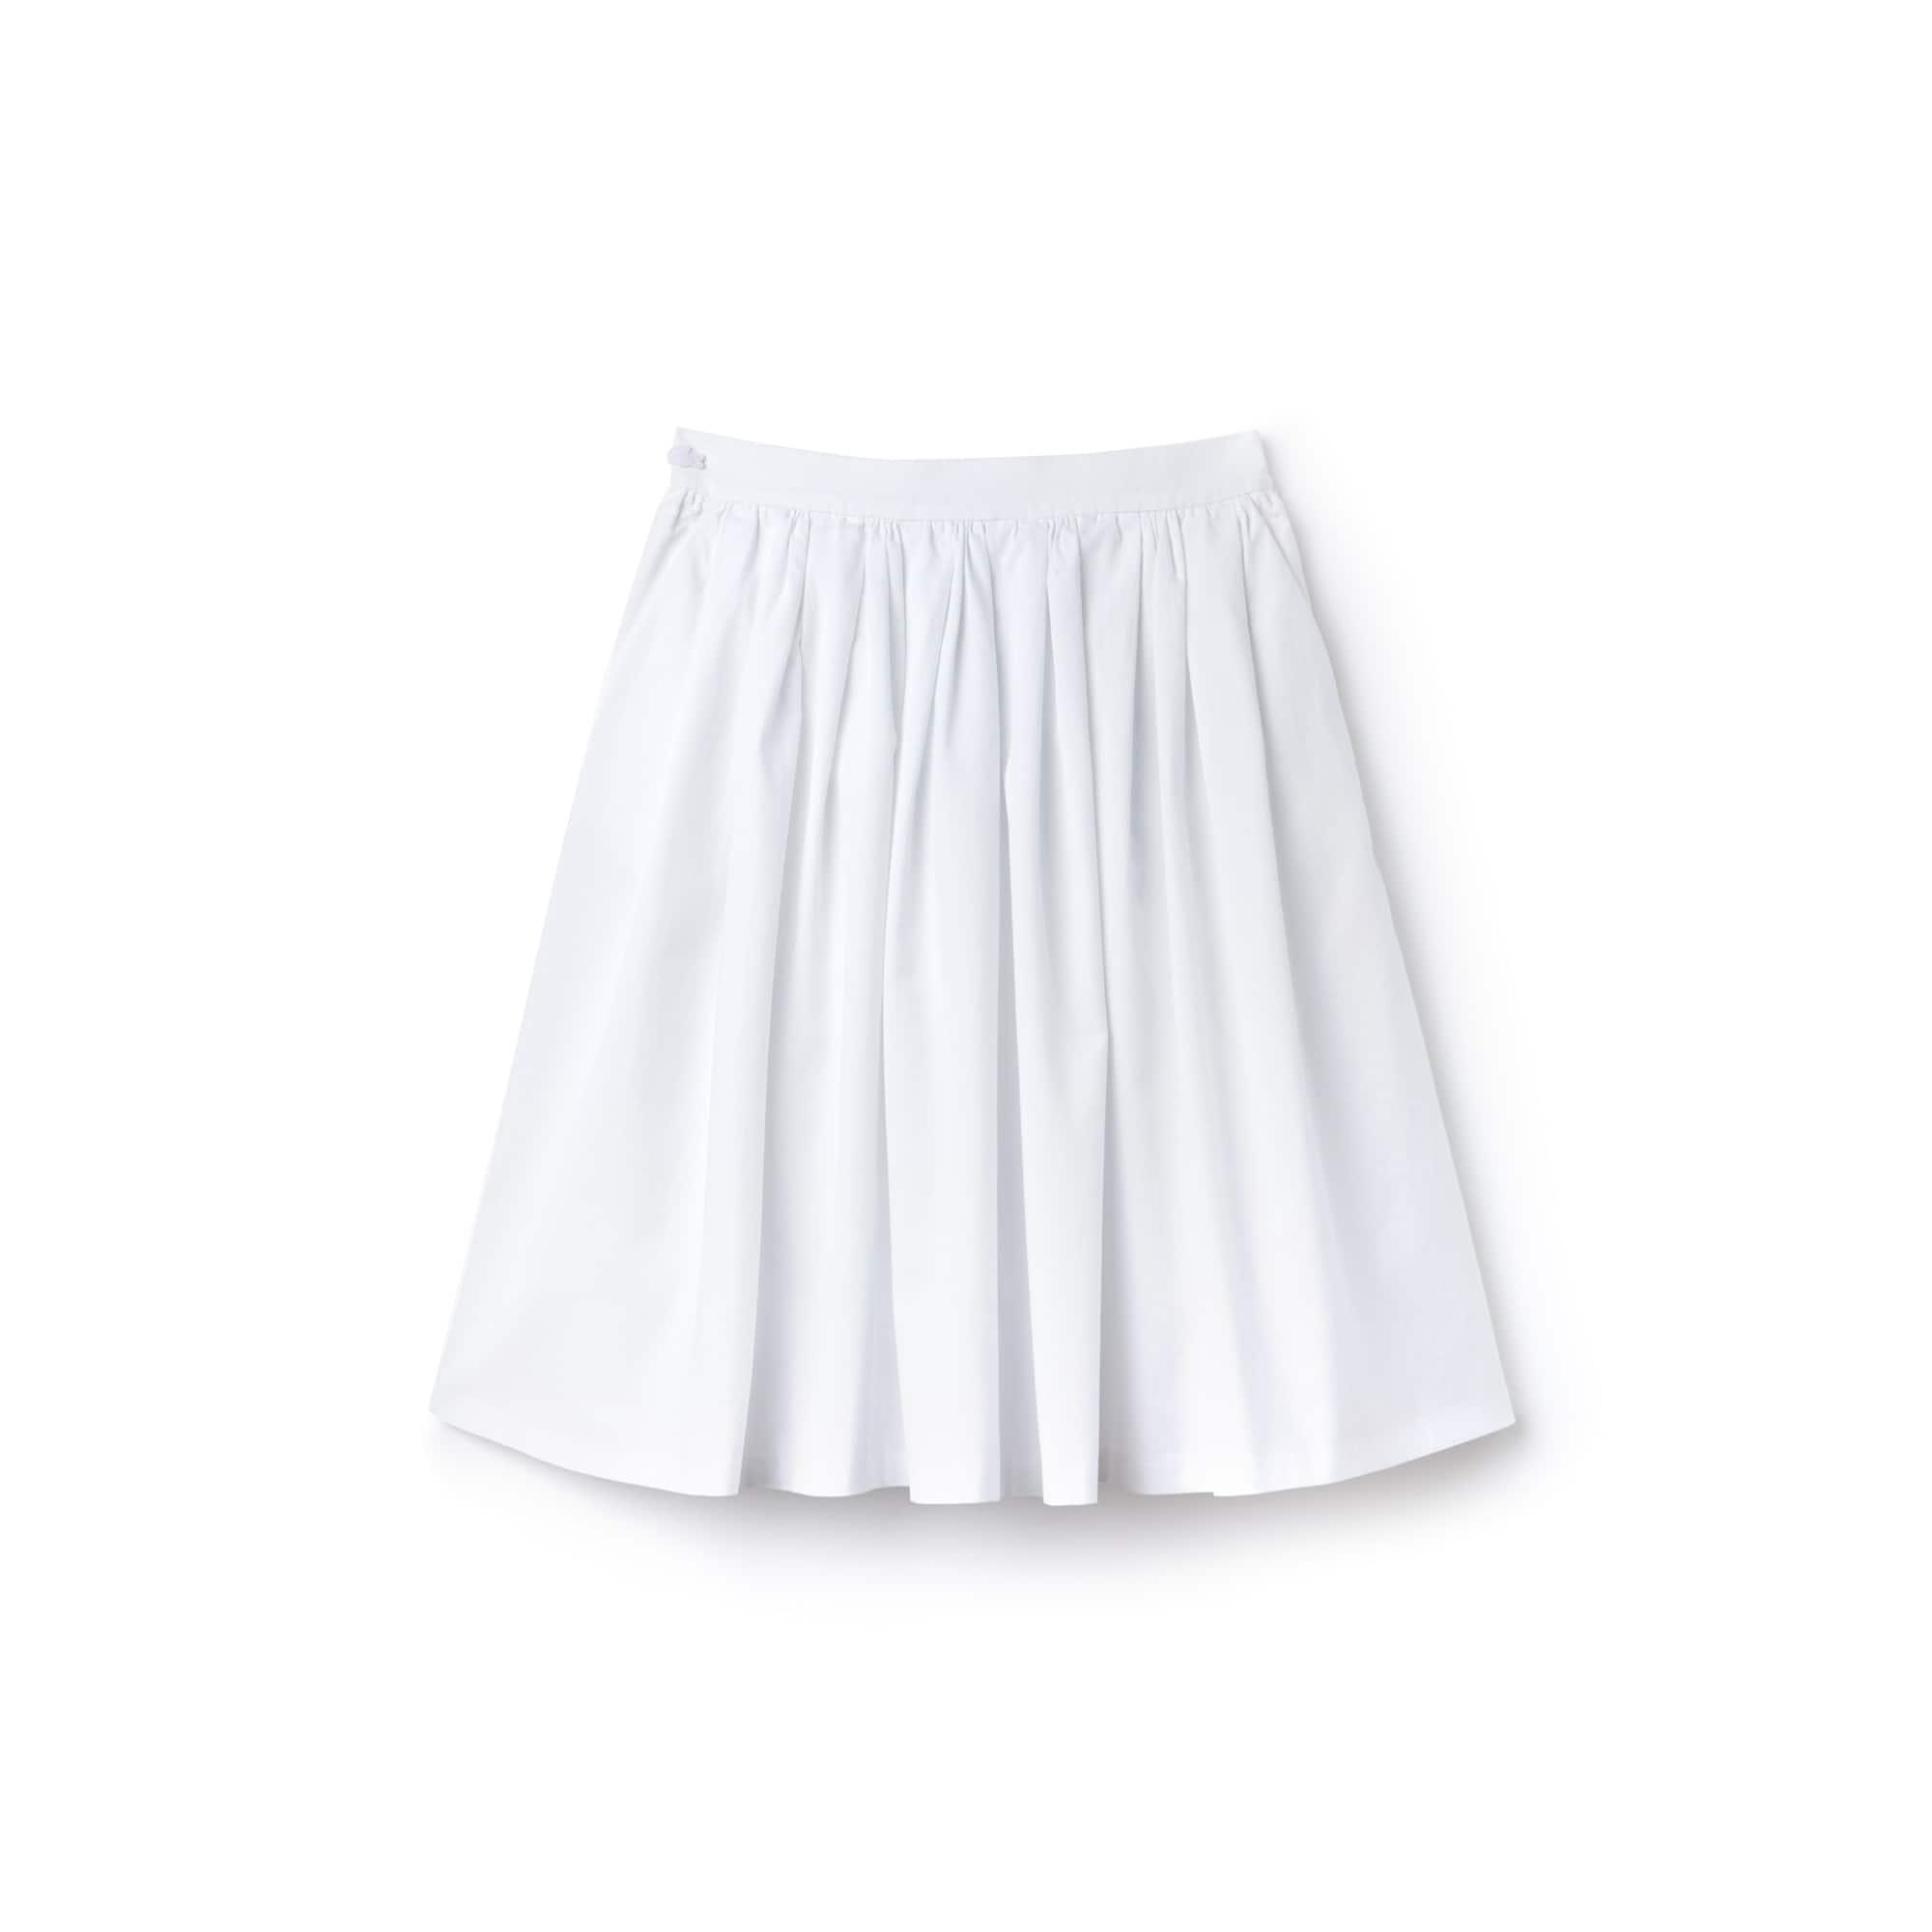 Saia de corte largo abaixo do joelho em algodão texturado com pregueado